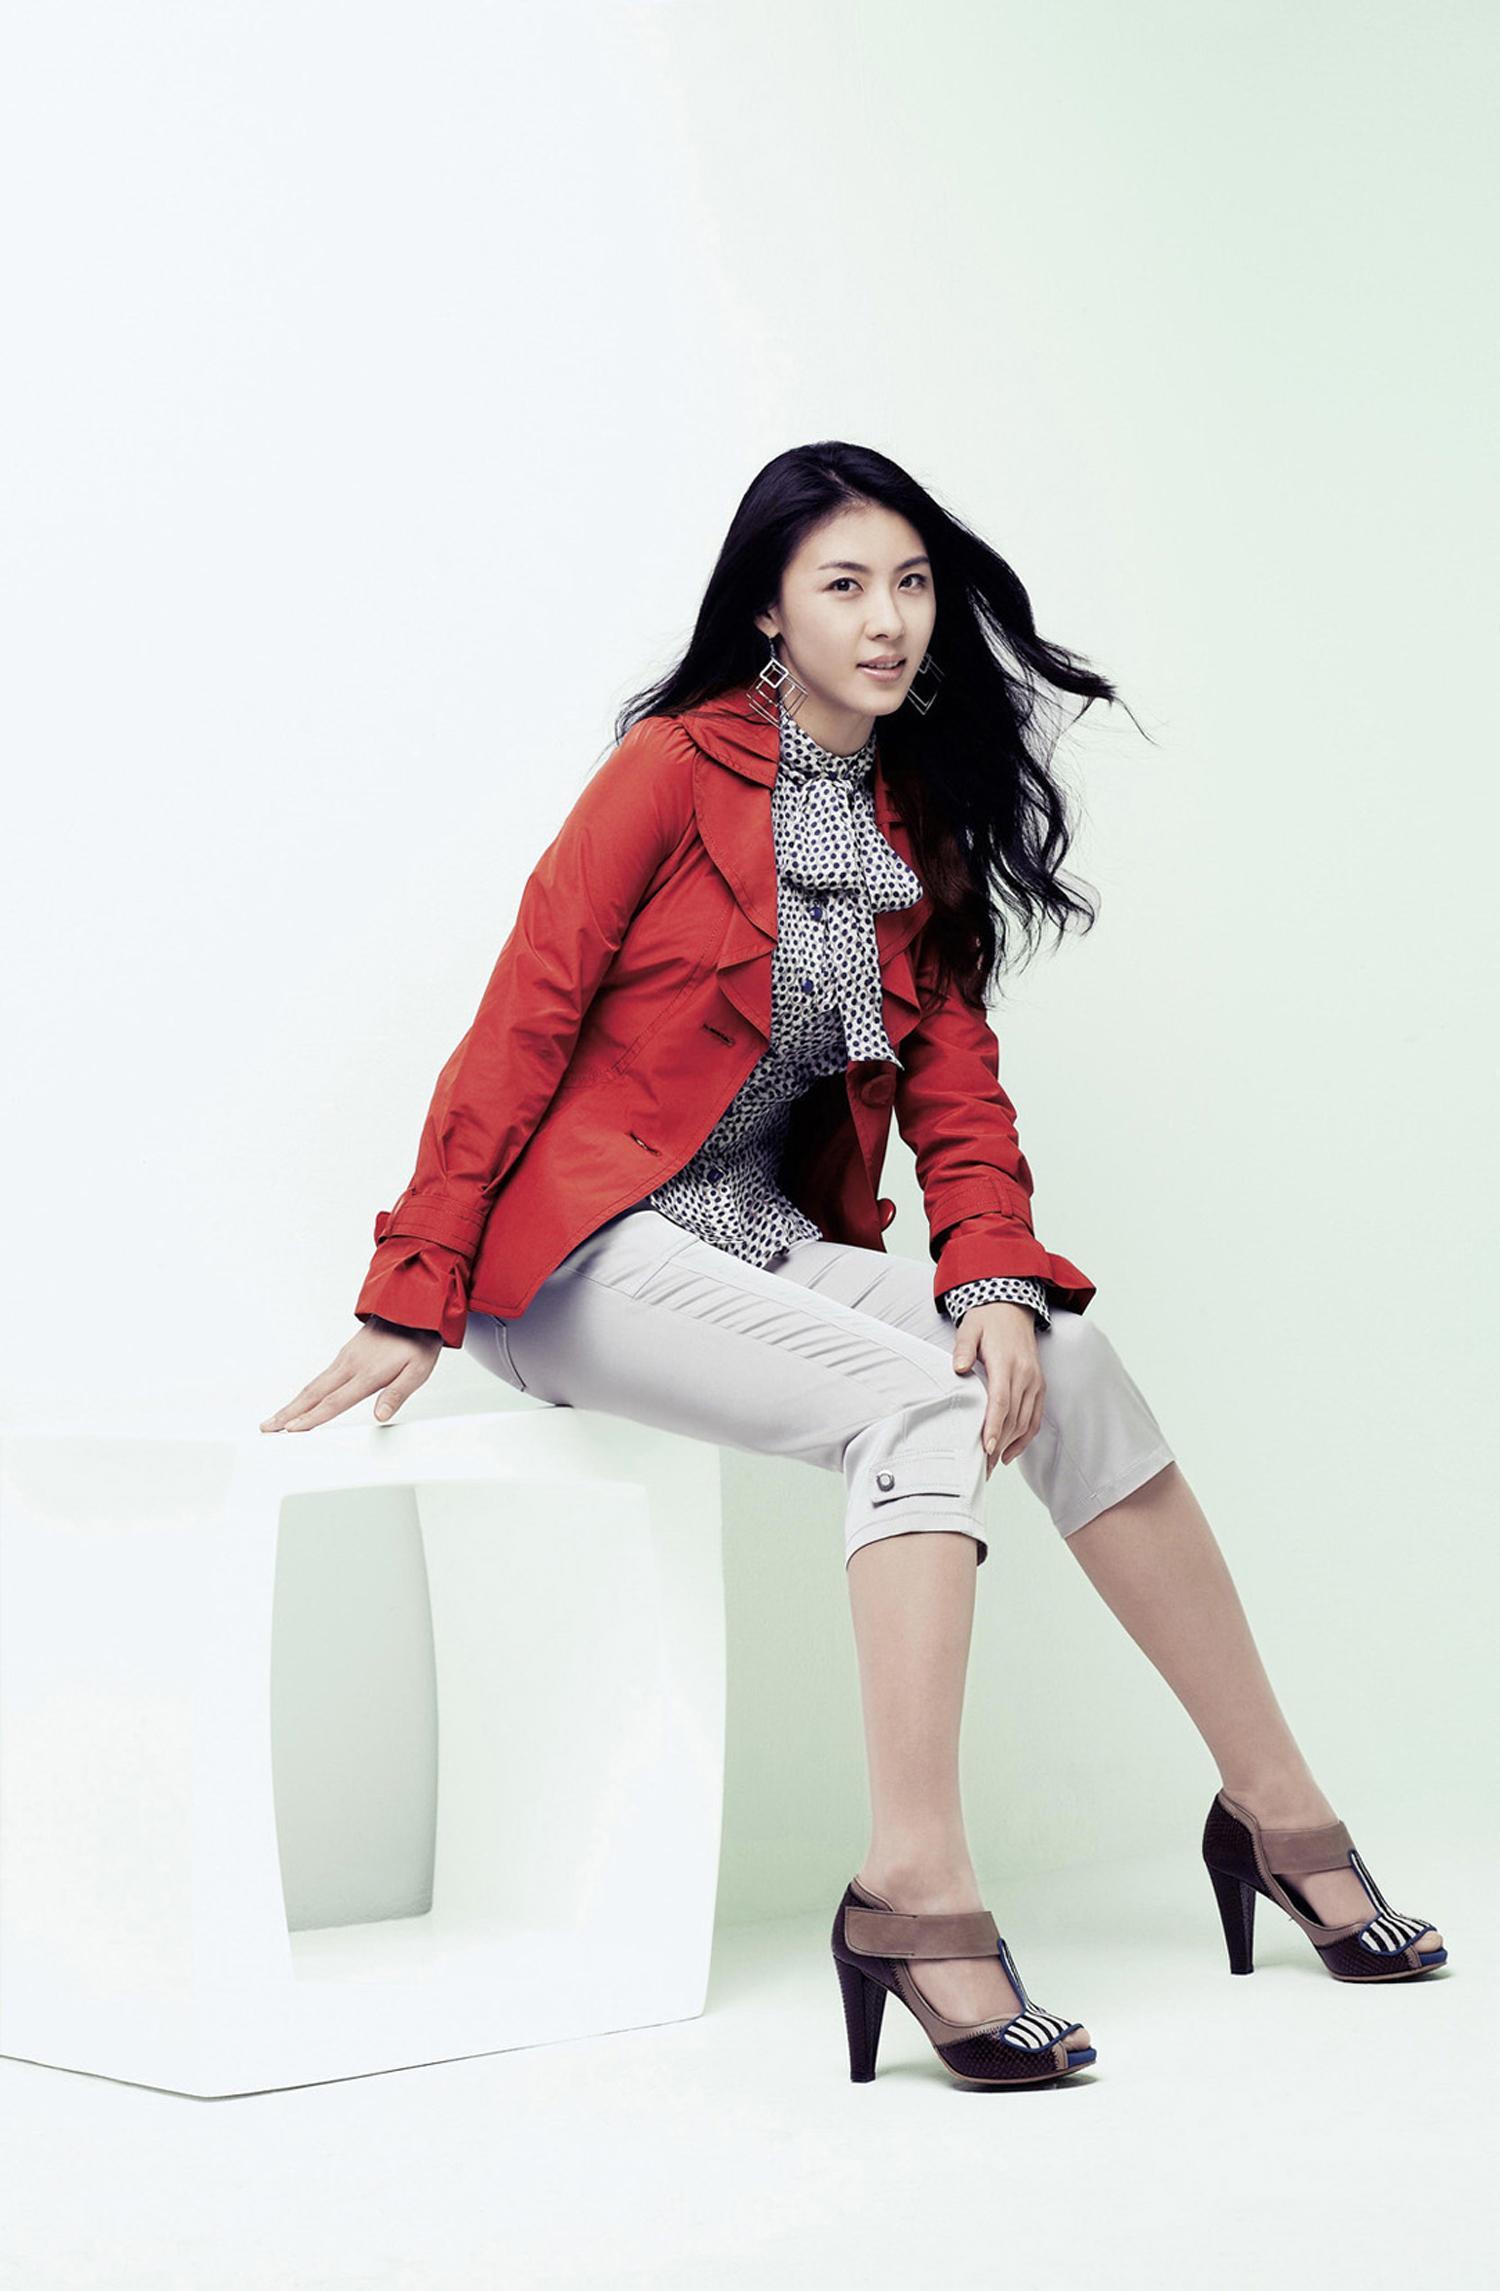 韓國女星河智苑